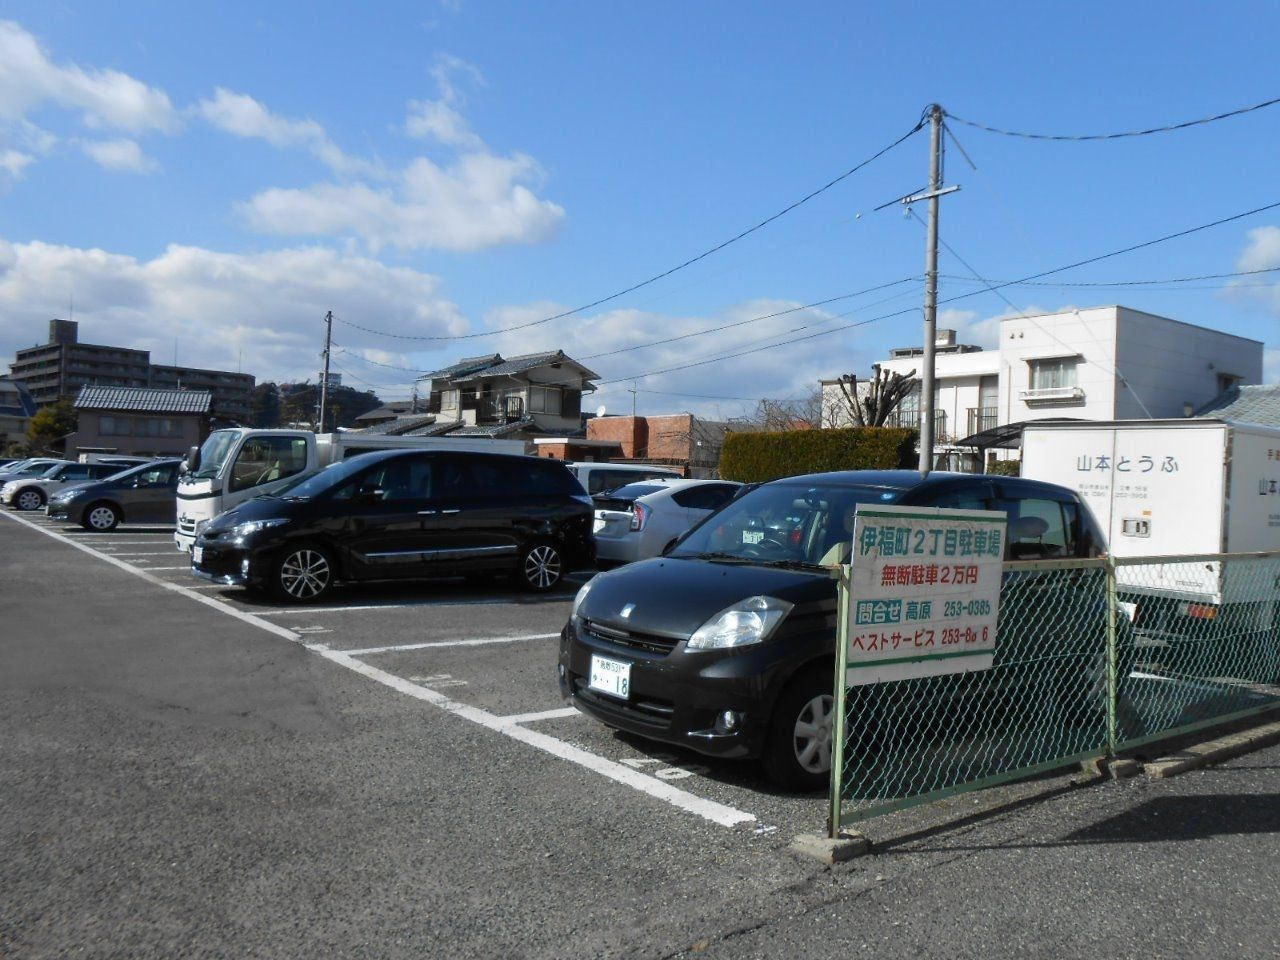 伊福町2-15駐車場(全65台)